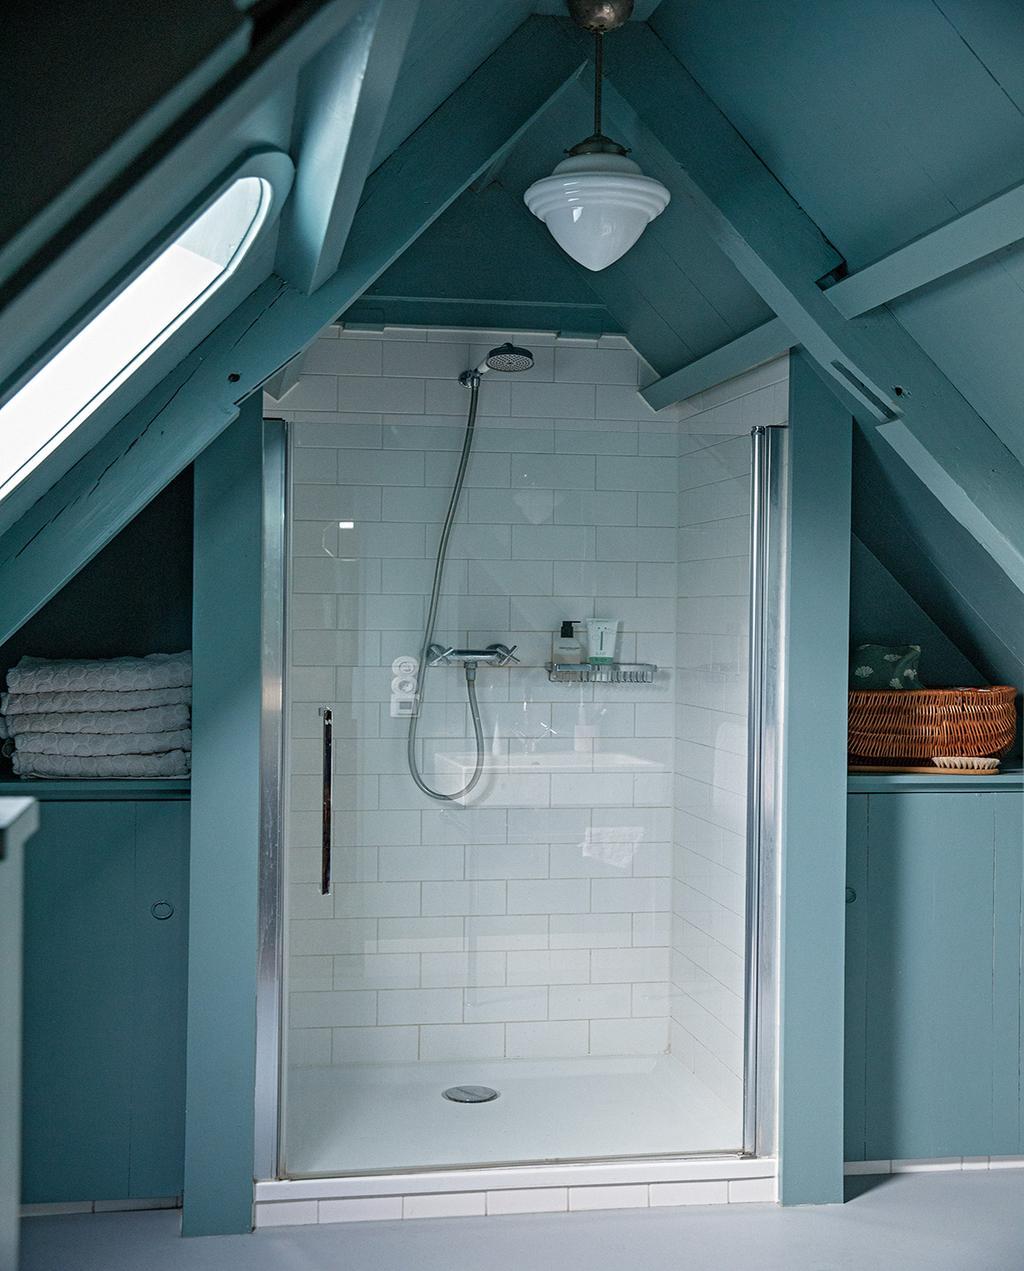 vtwonen 05-2021 | badkamer met douche in blauw